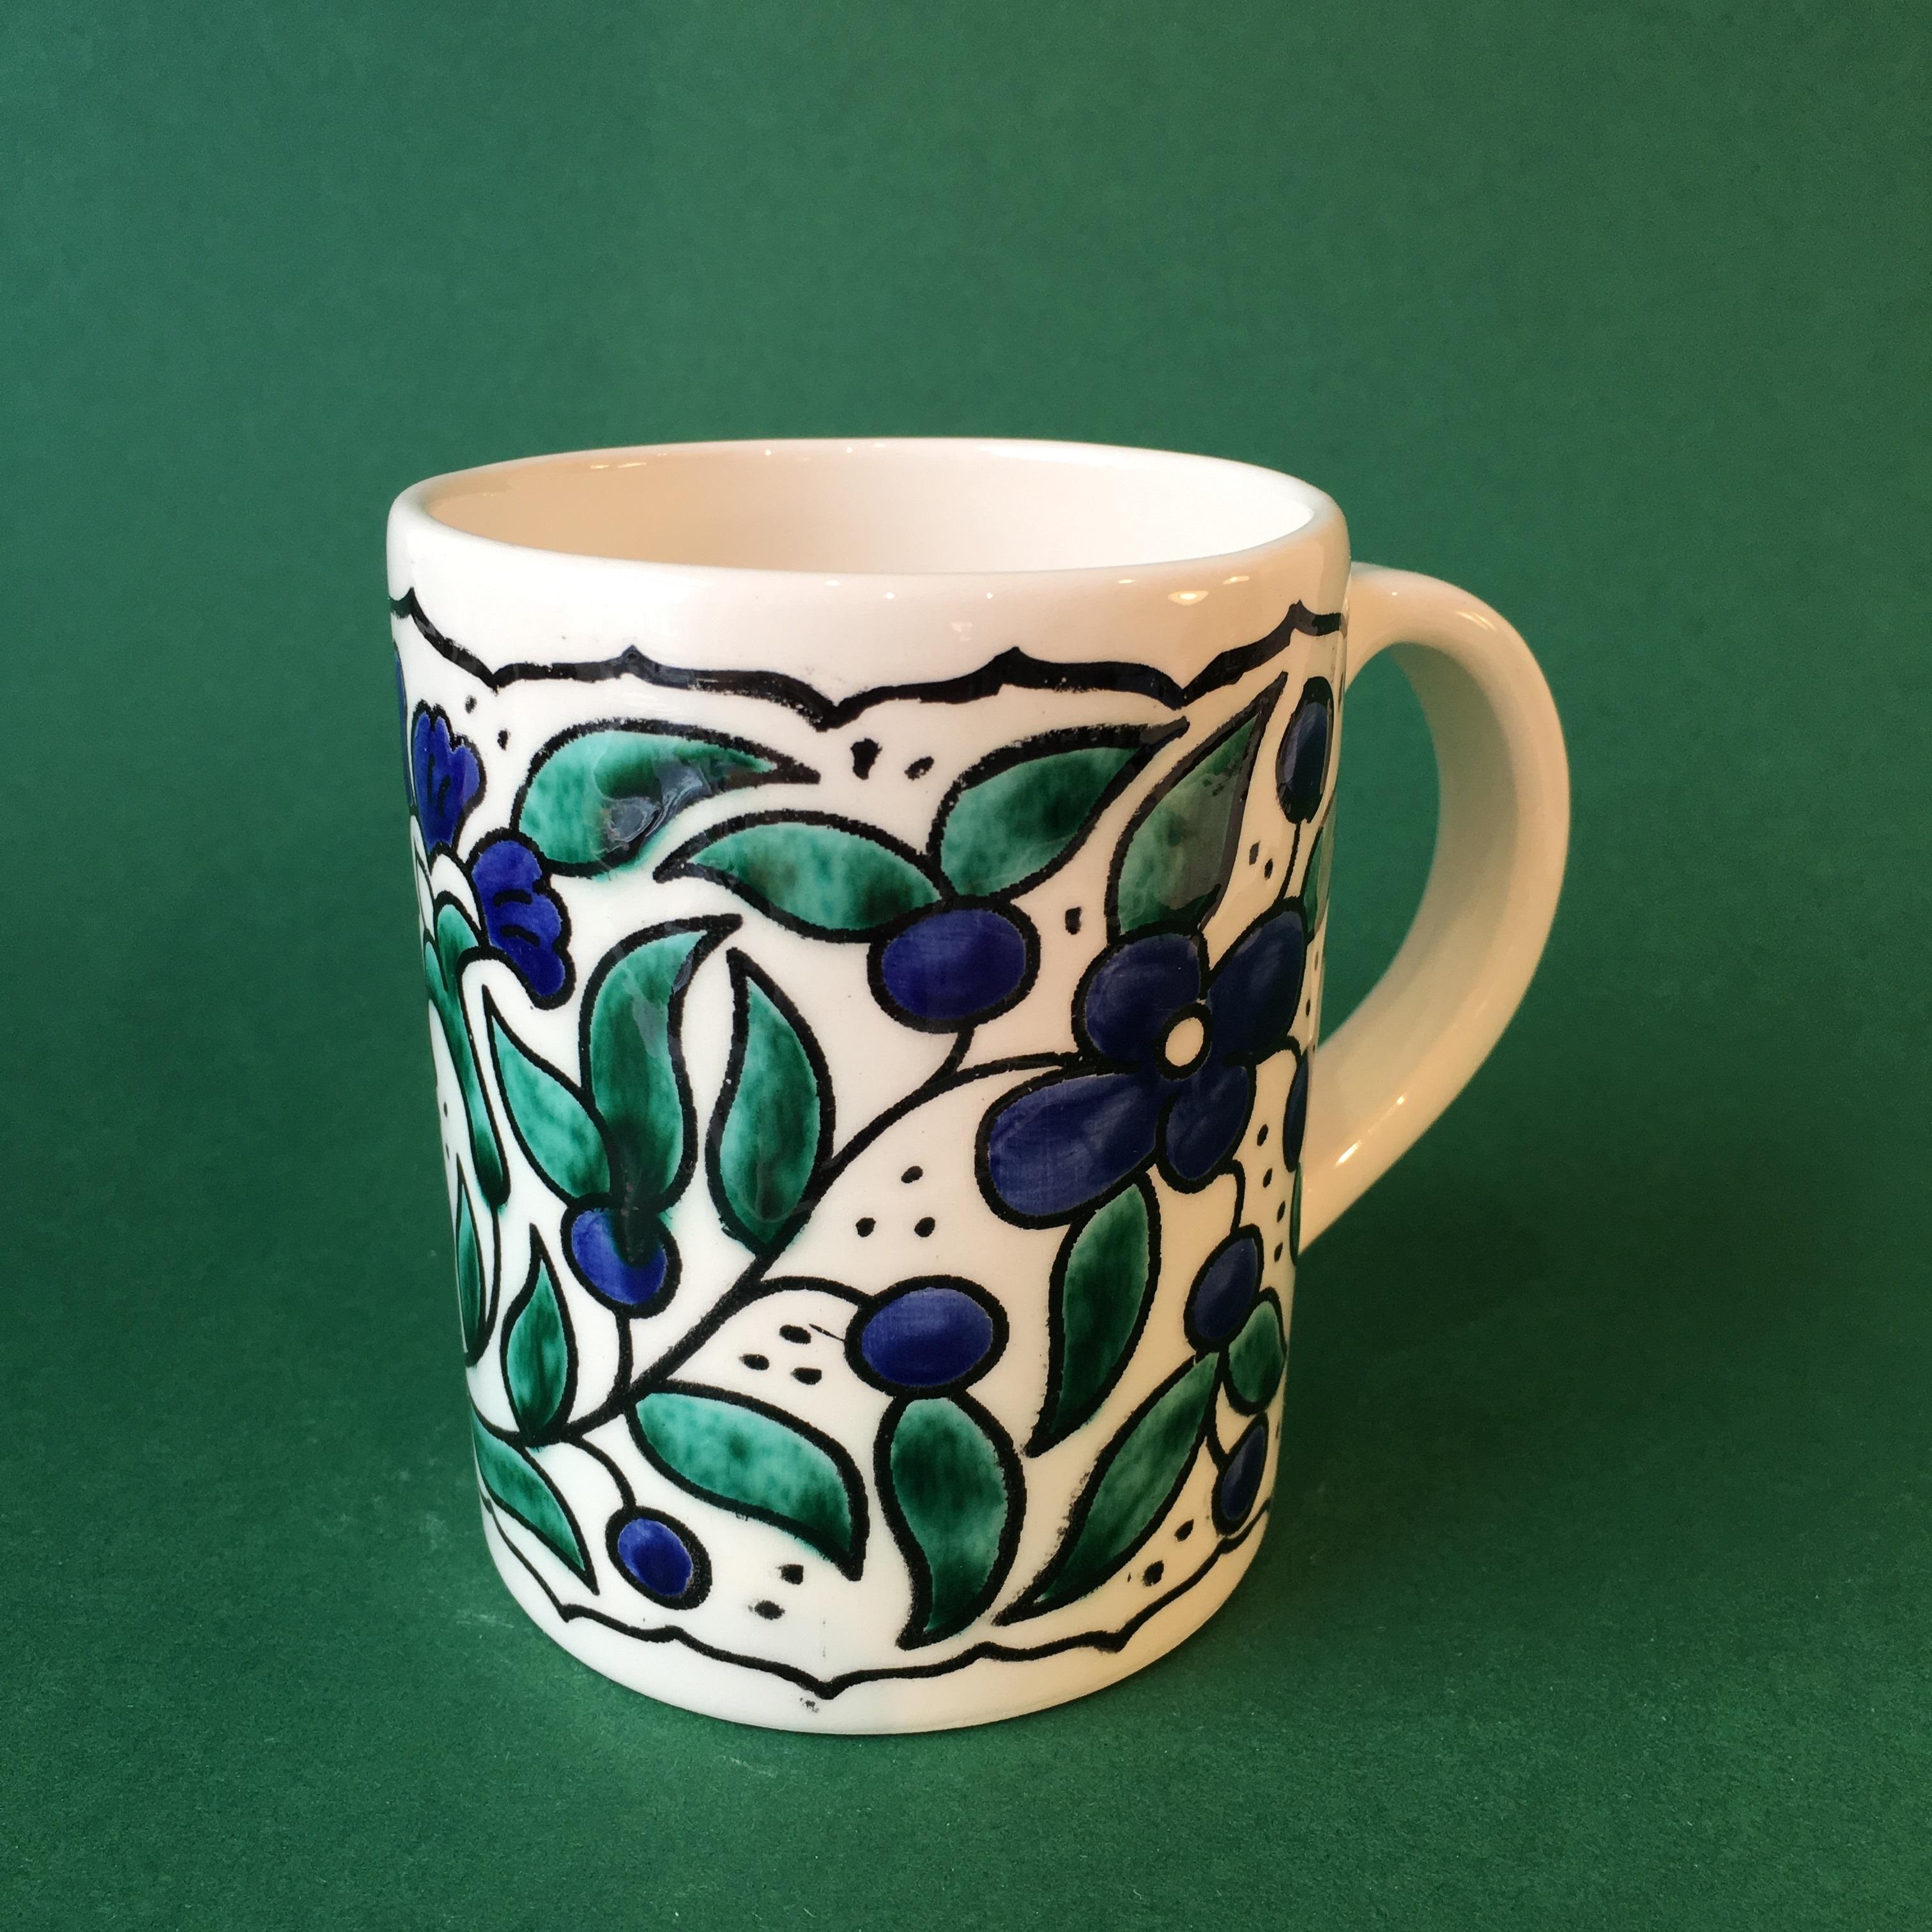 Stor keramikkopp, hvit, blå og grønn